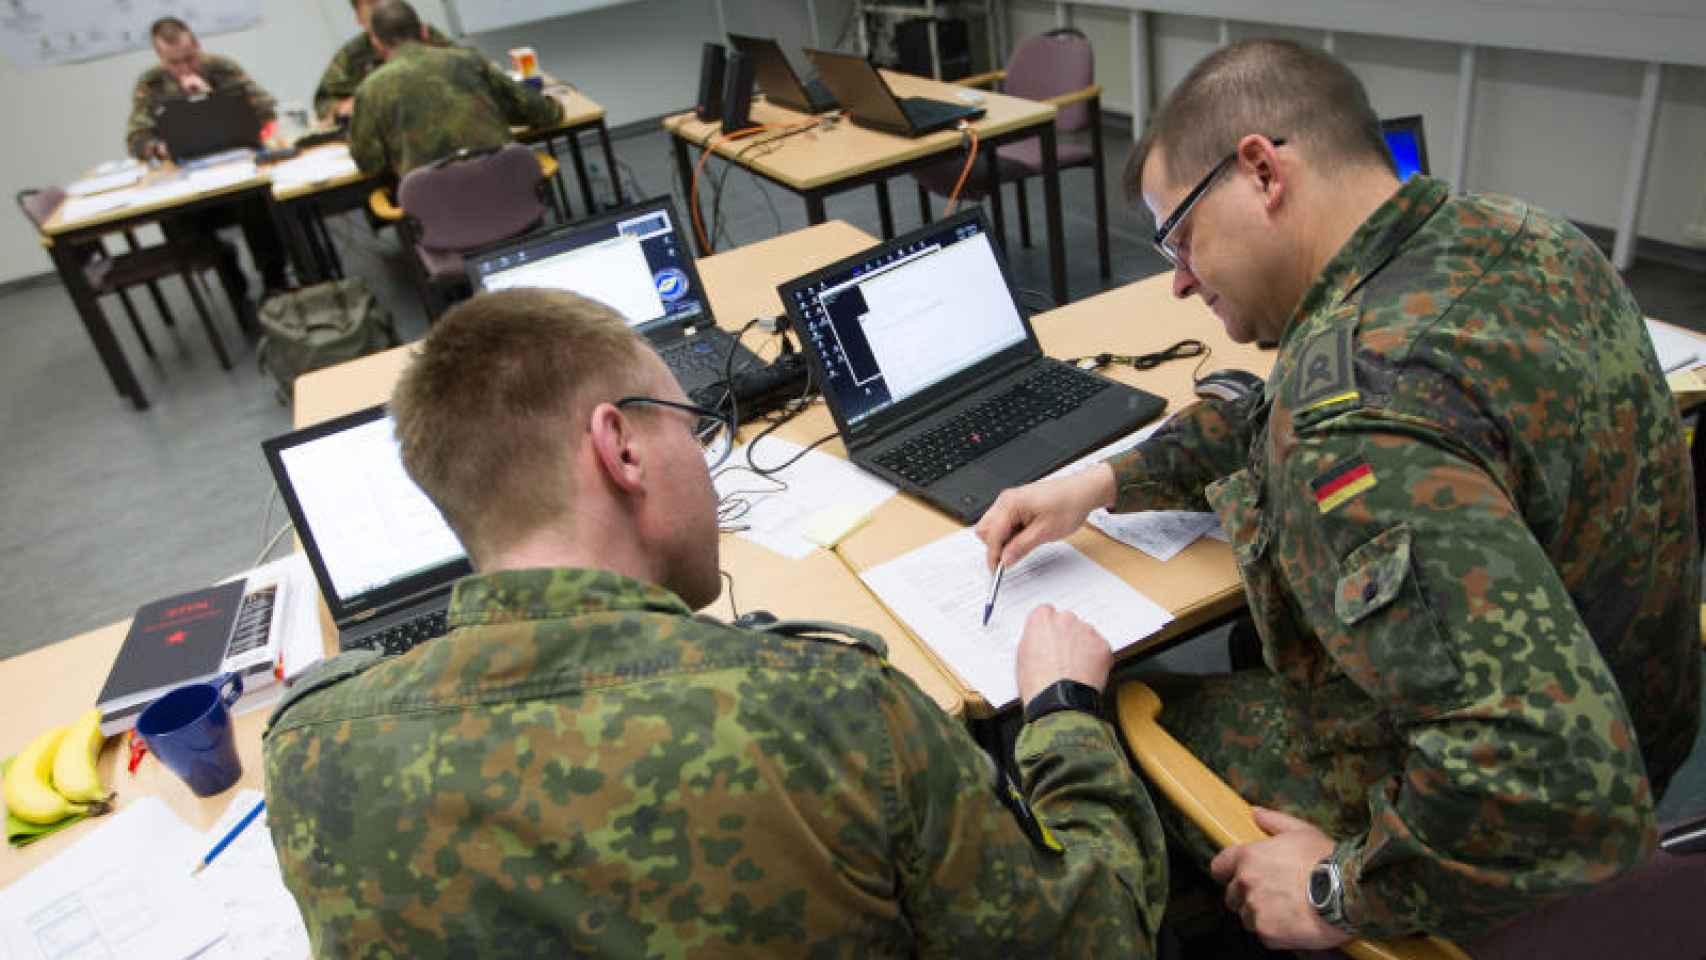 El ejército cibernético comenzará a funcionar el próximo mes de abril.